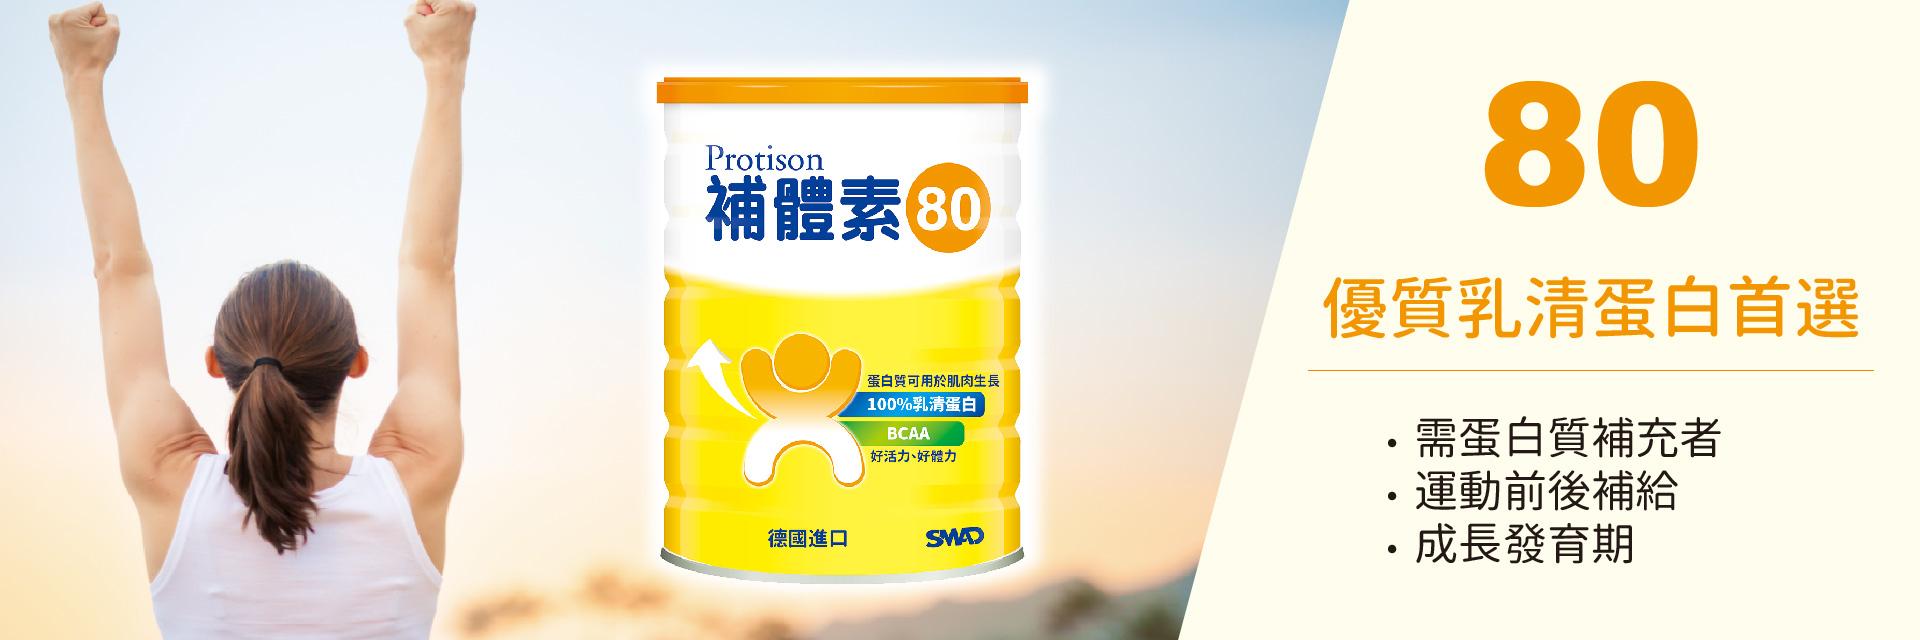 補體素80是優質蛋白質首選的營養品